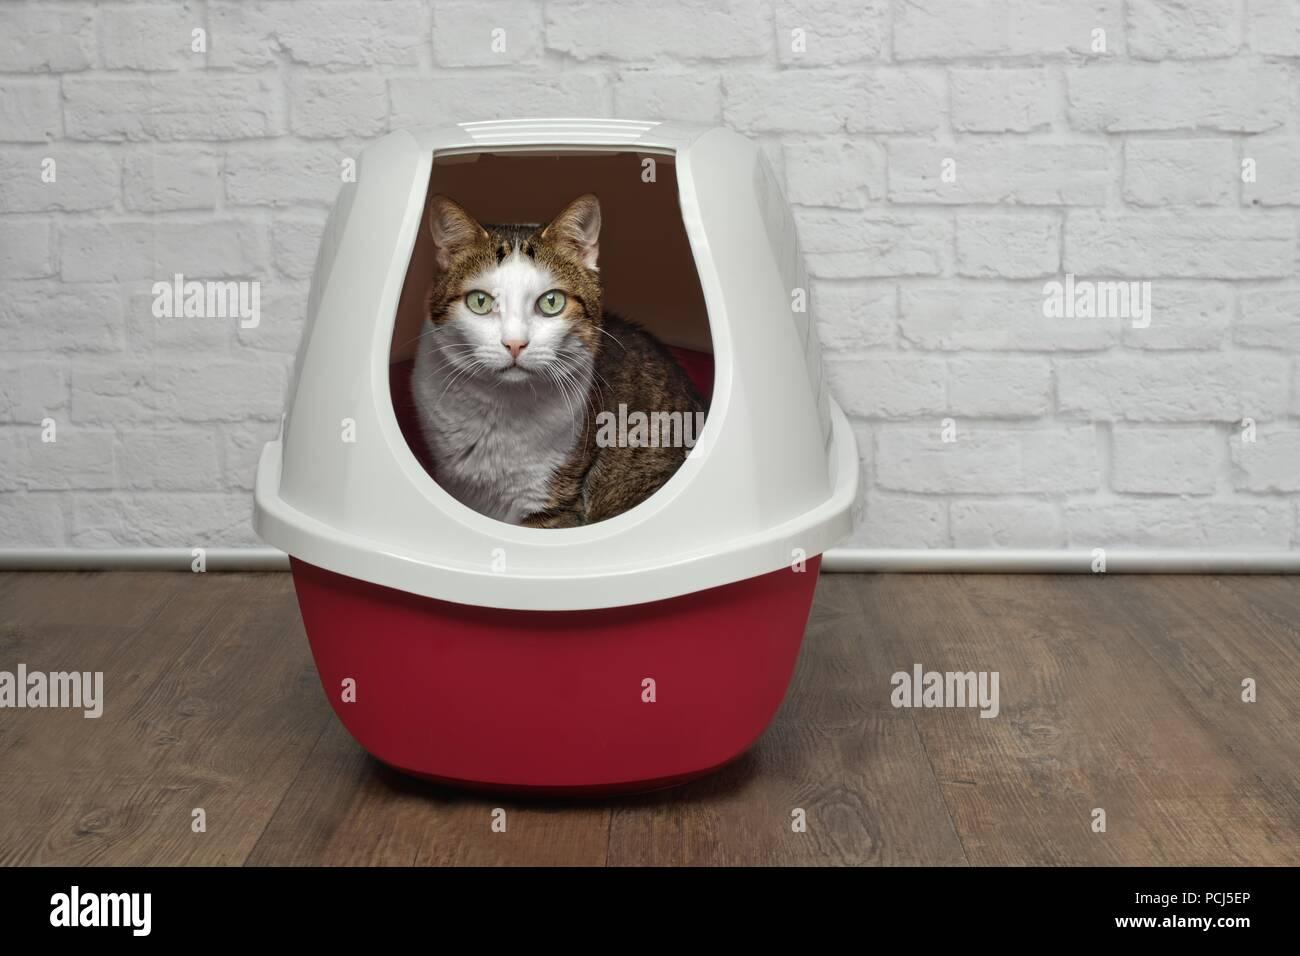 Carino tabby cat seduto in un rosso lettiera e guardando la telecamera. Immagini Stock